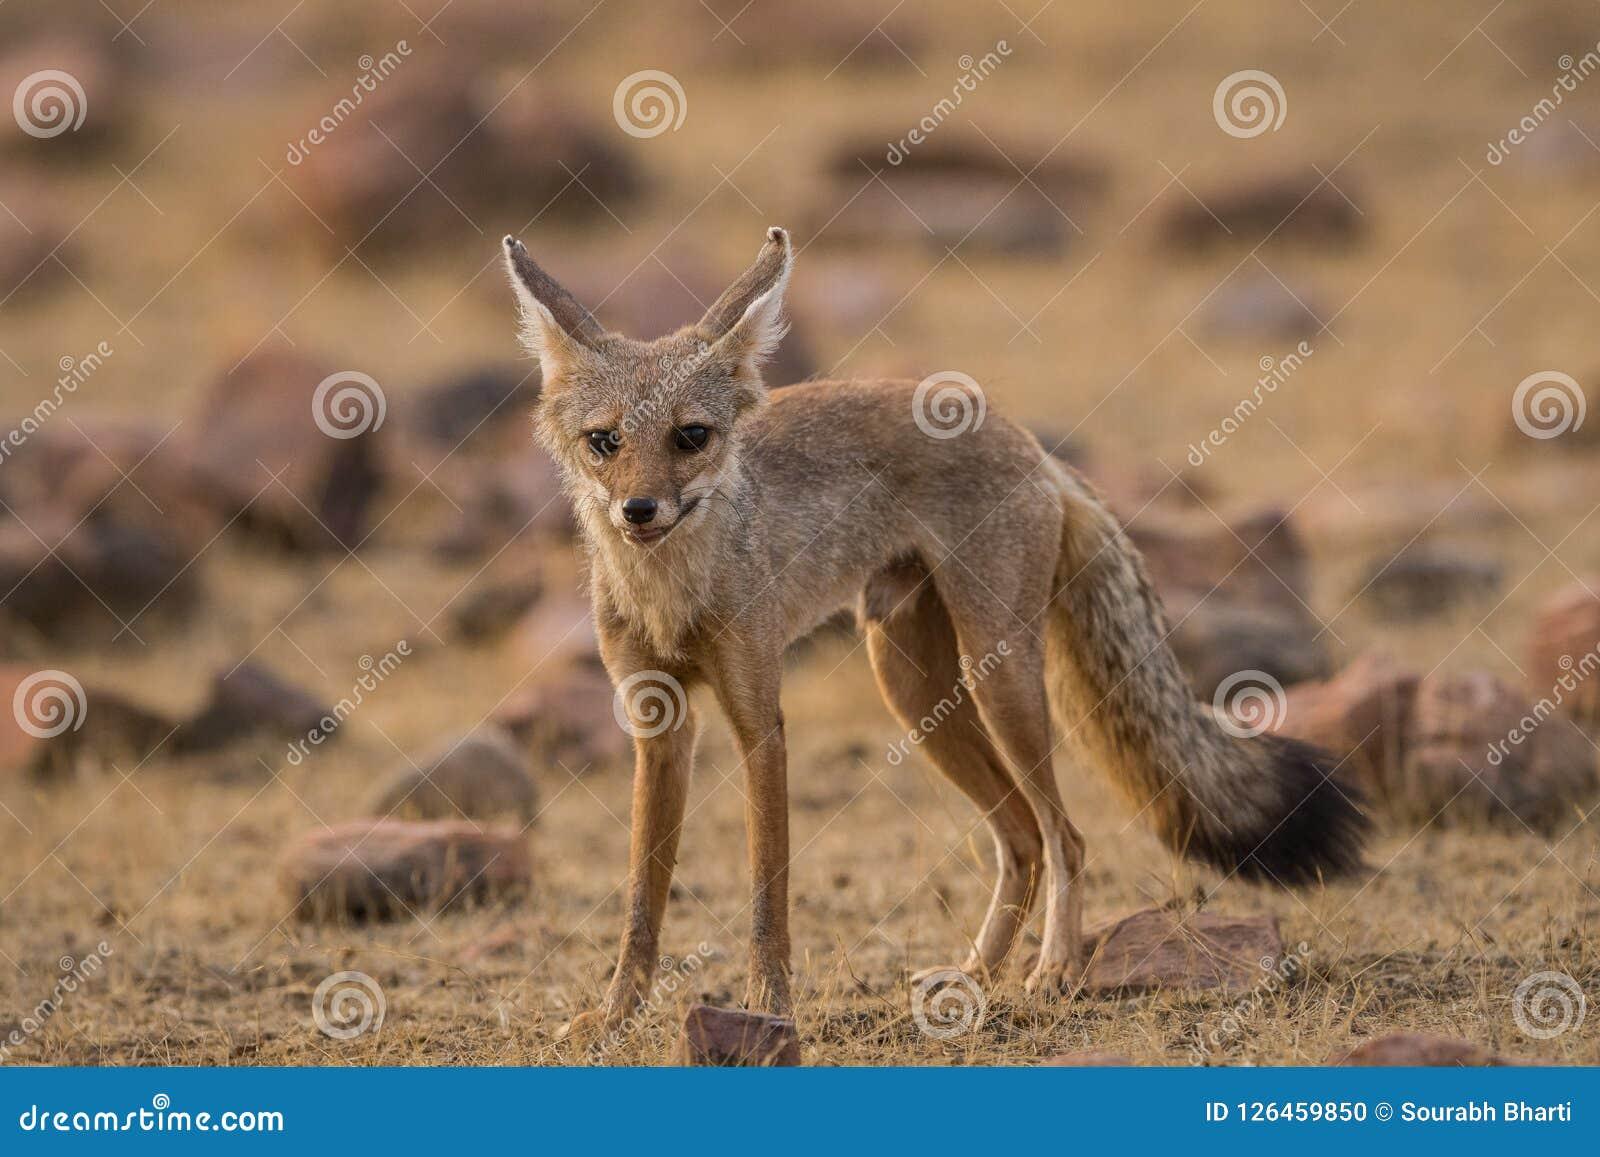 A fox pup Vulpes bengalensis at Ranthambore National Park